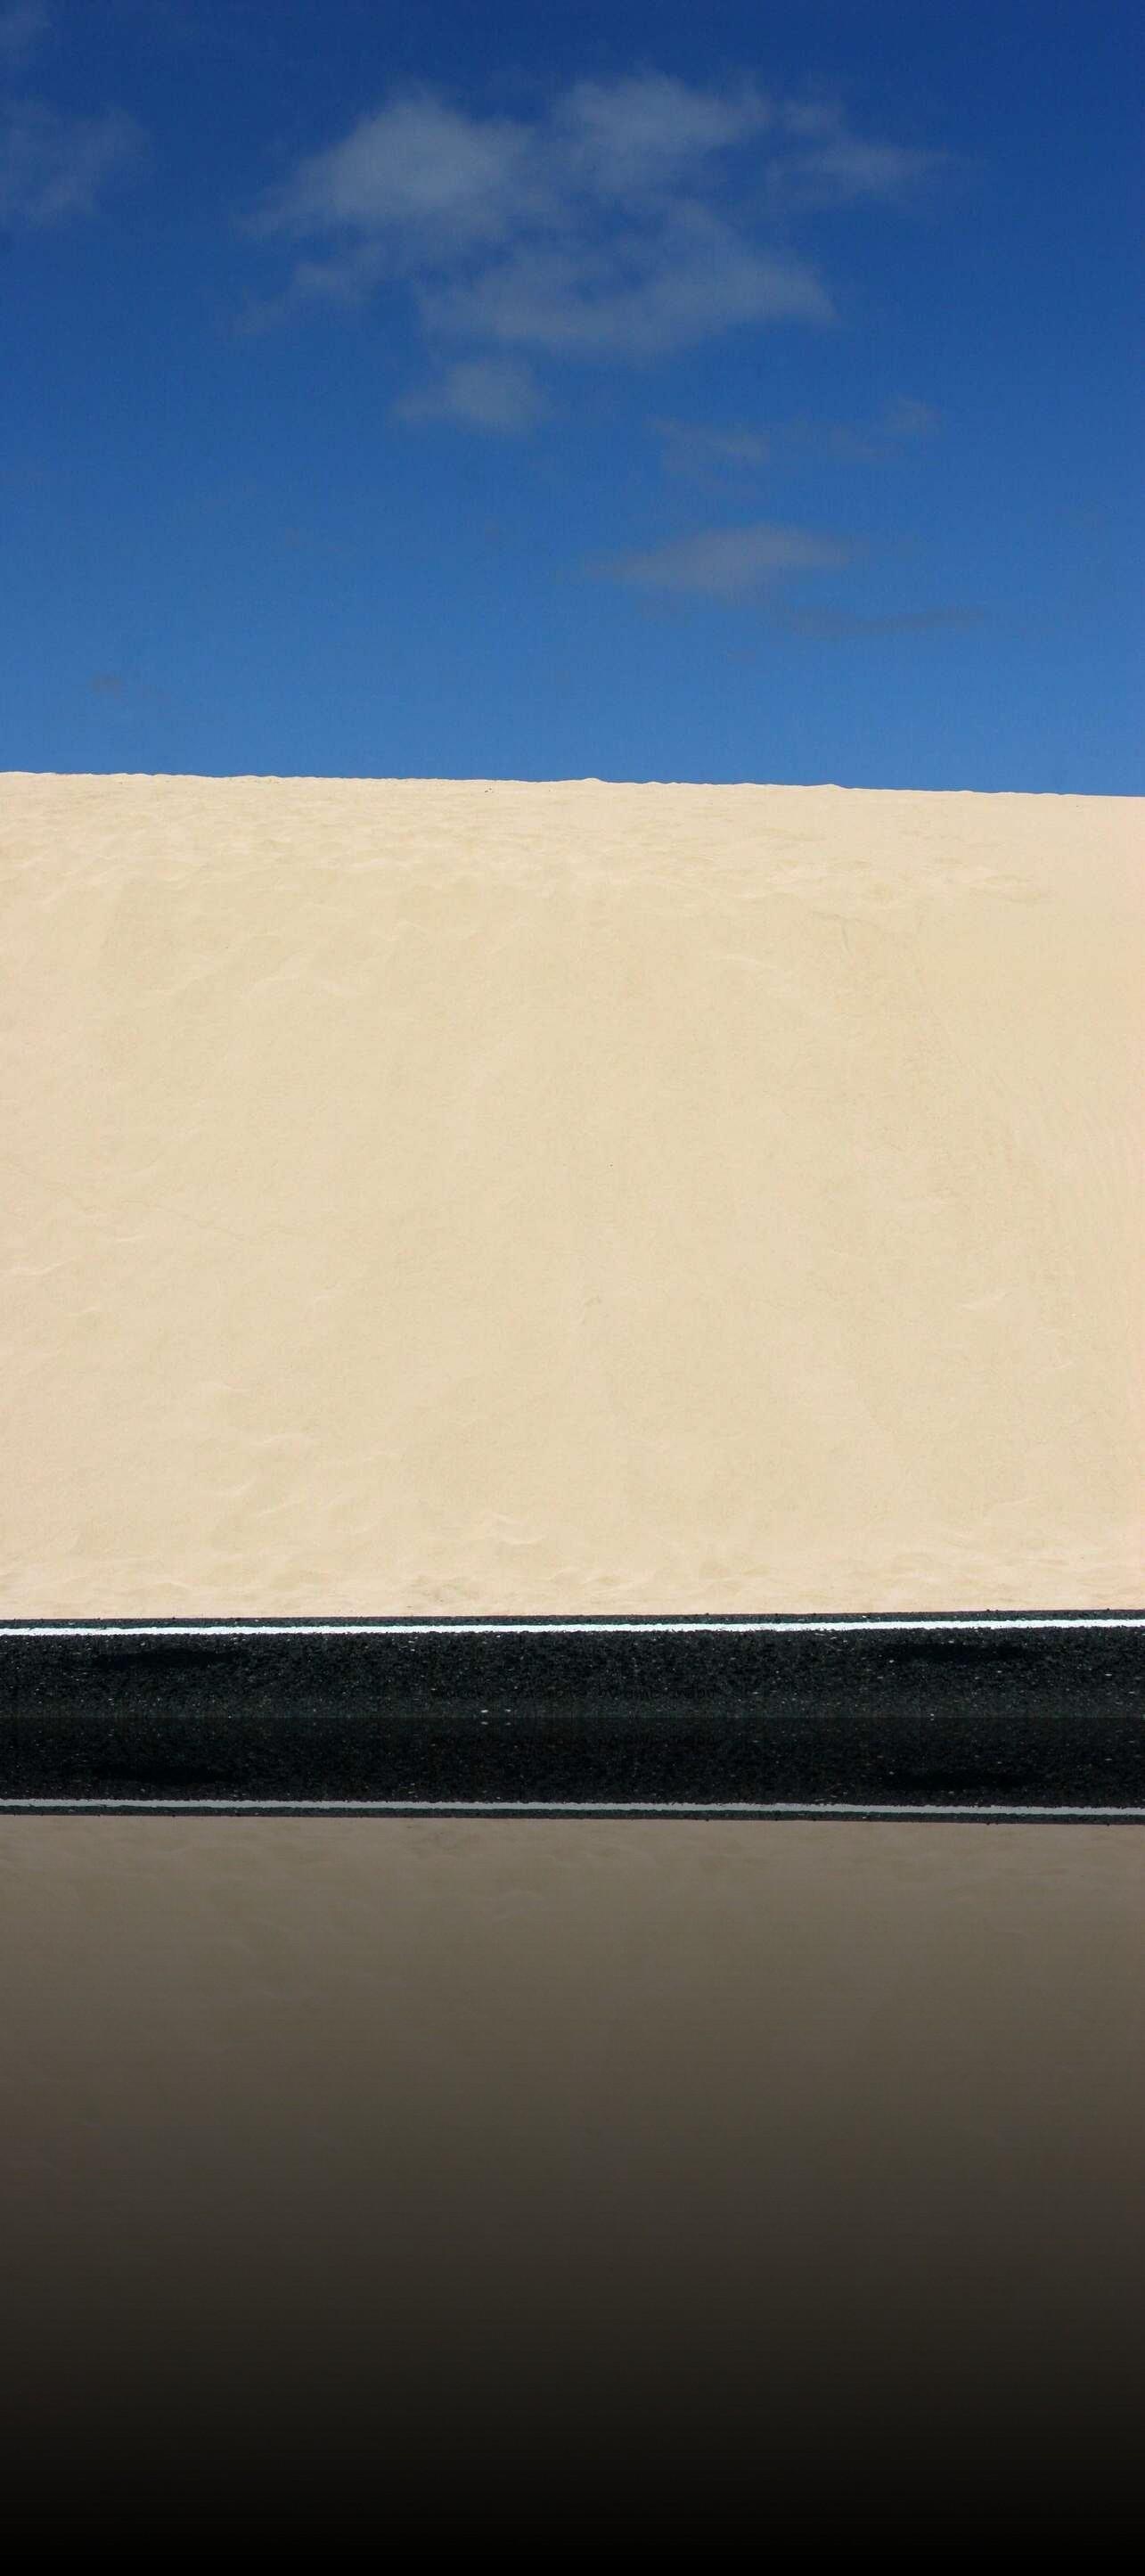 refl_bccf3b93f9e1b0f6fb9612c1633df623_1898-sabbia-e-asfalto-8